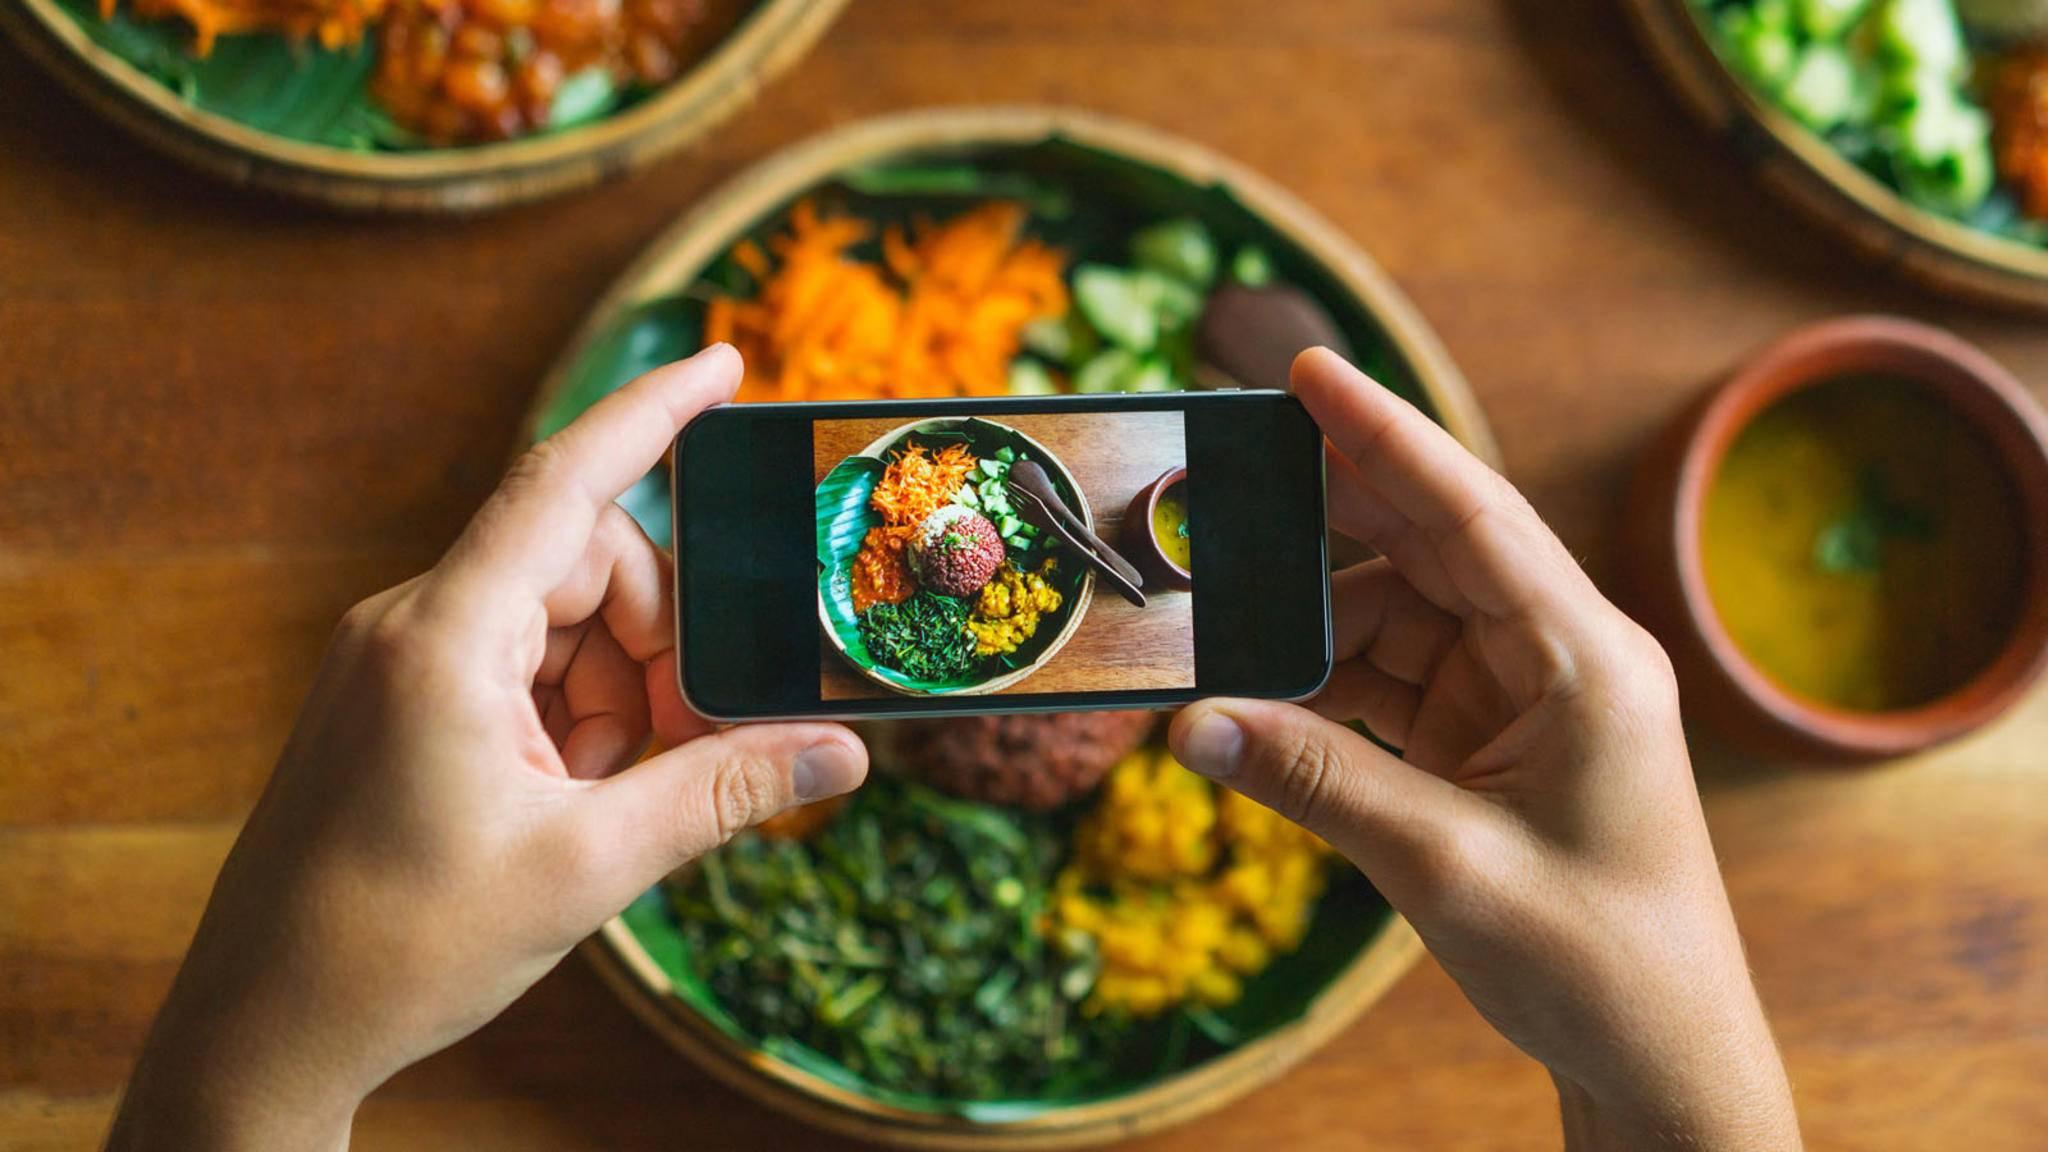 In Zukunft könnte eine App dabei helfen, Lebensmittelvergiftungen zu verhindern.